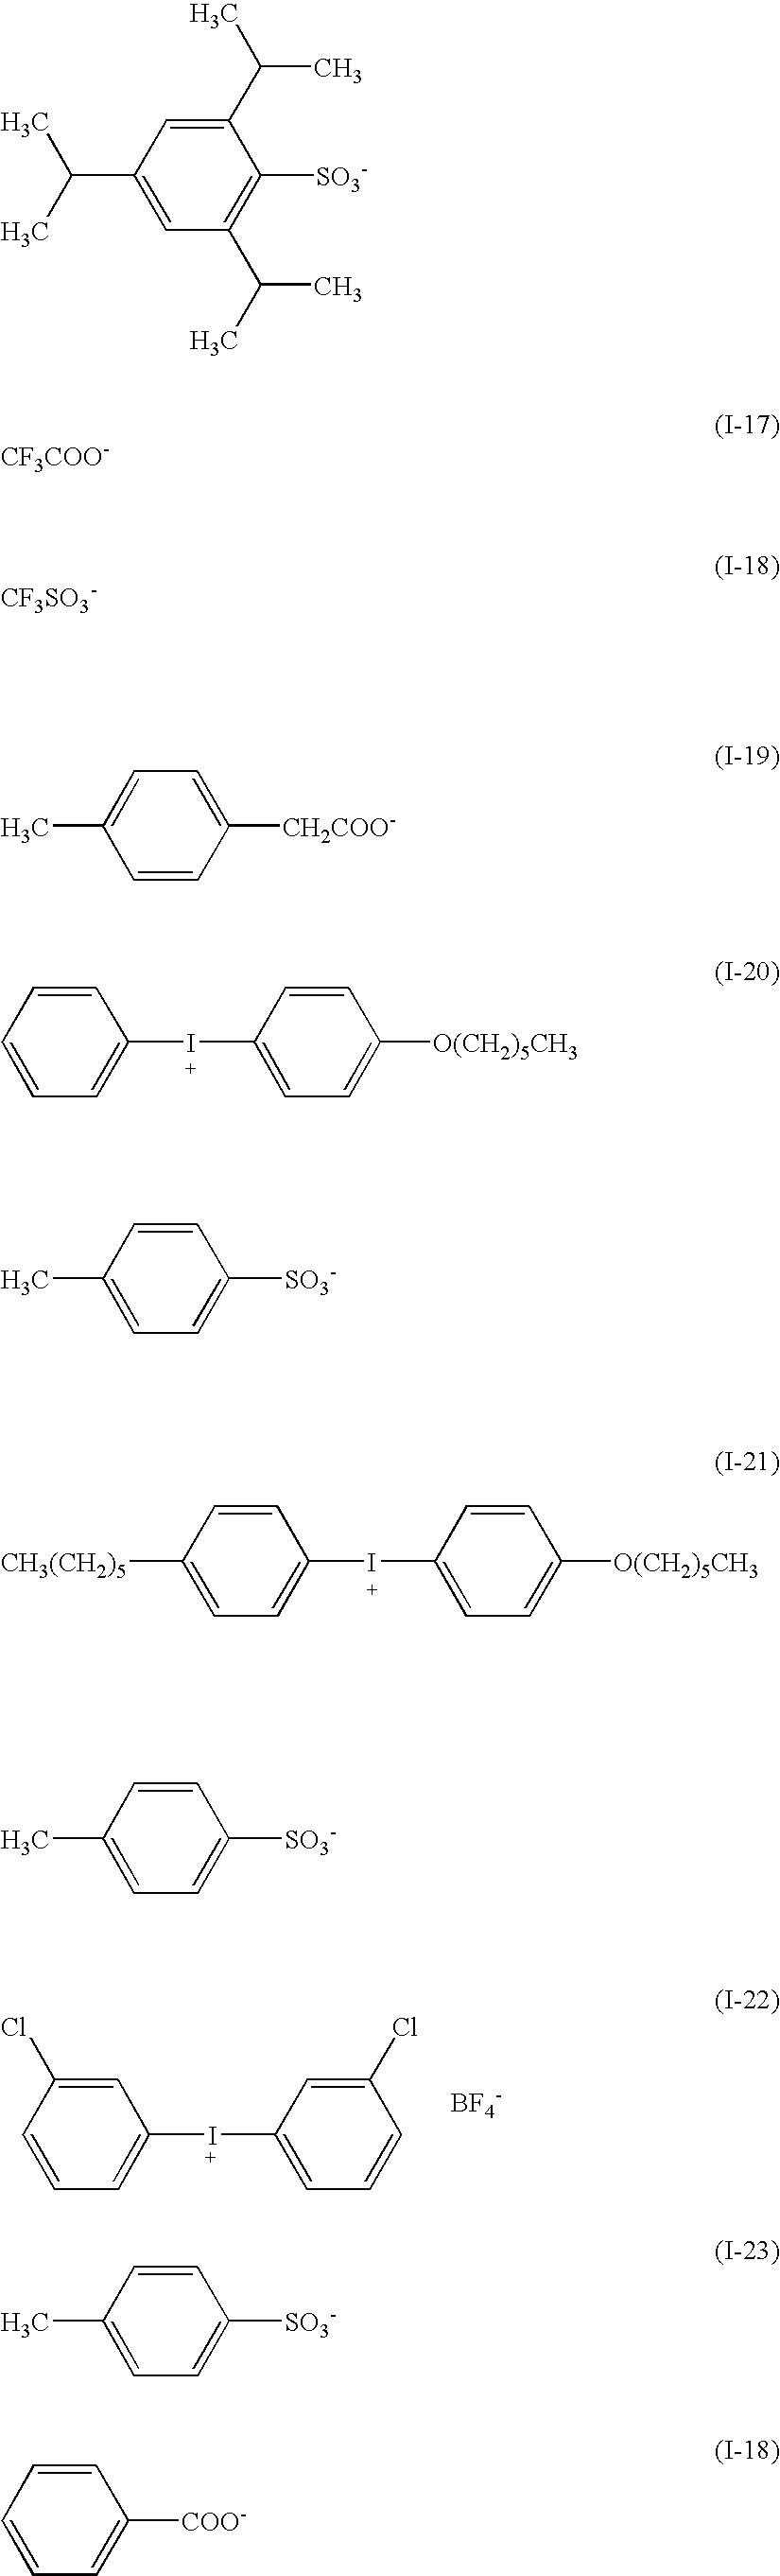 Figure US20050153239A1-20050714-C00080